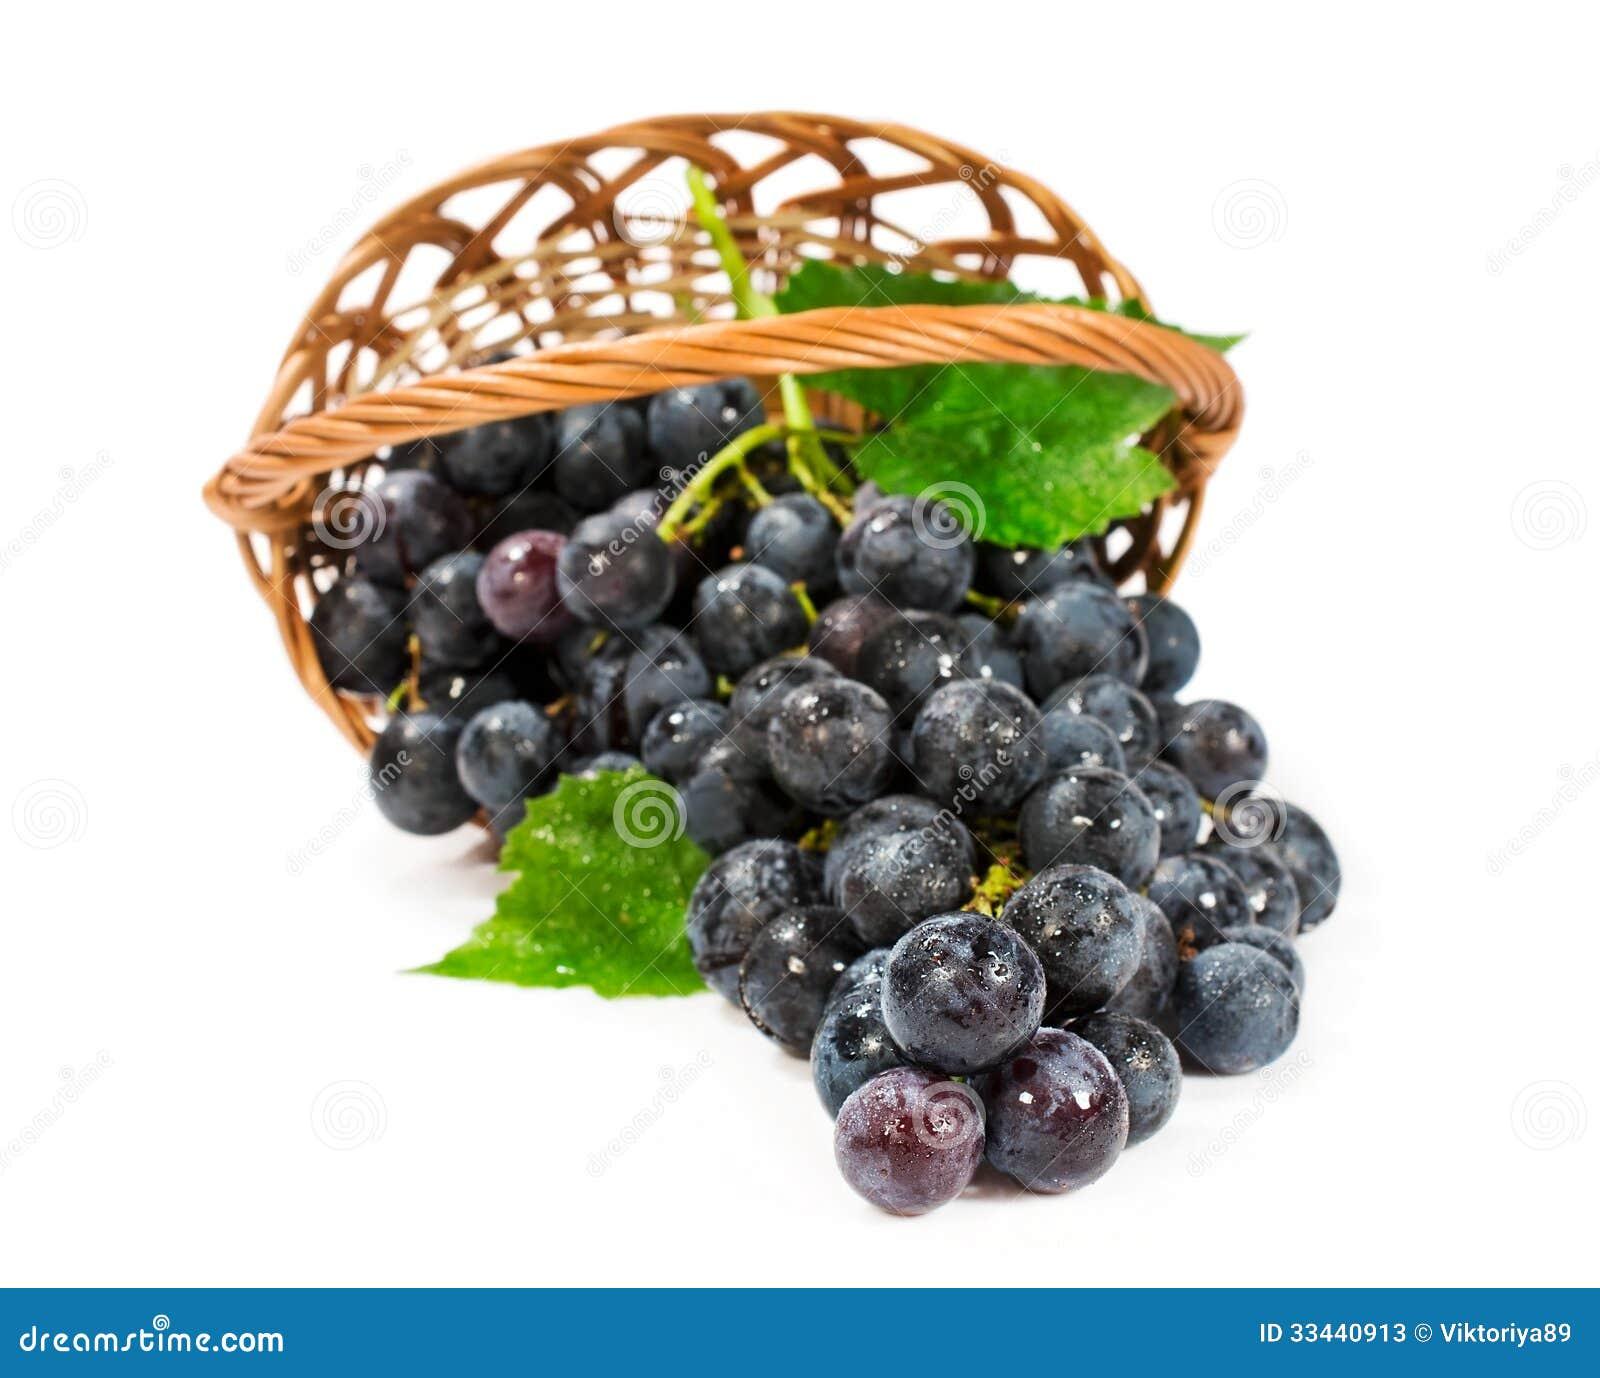 Ripe grapes in a wicker basket